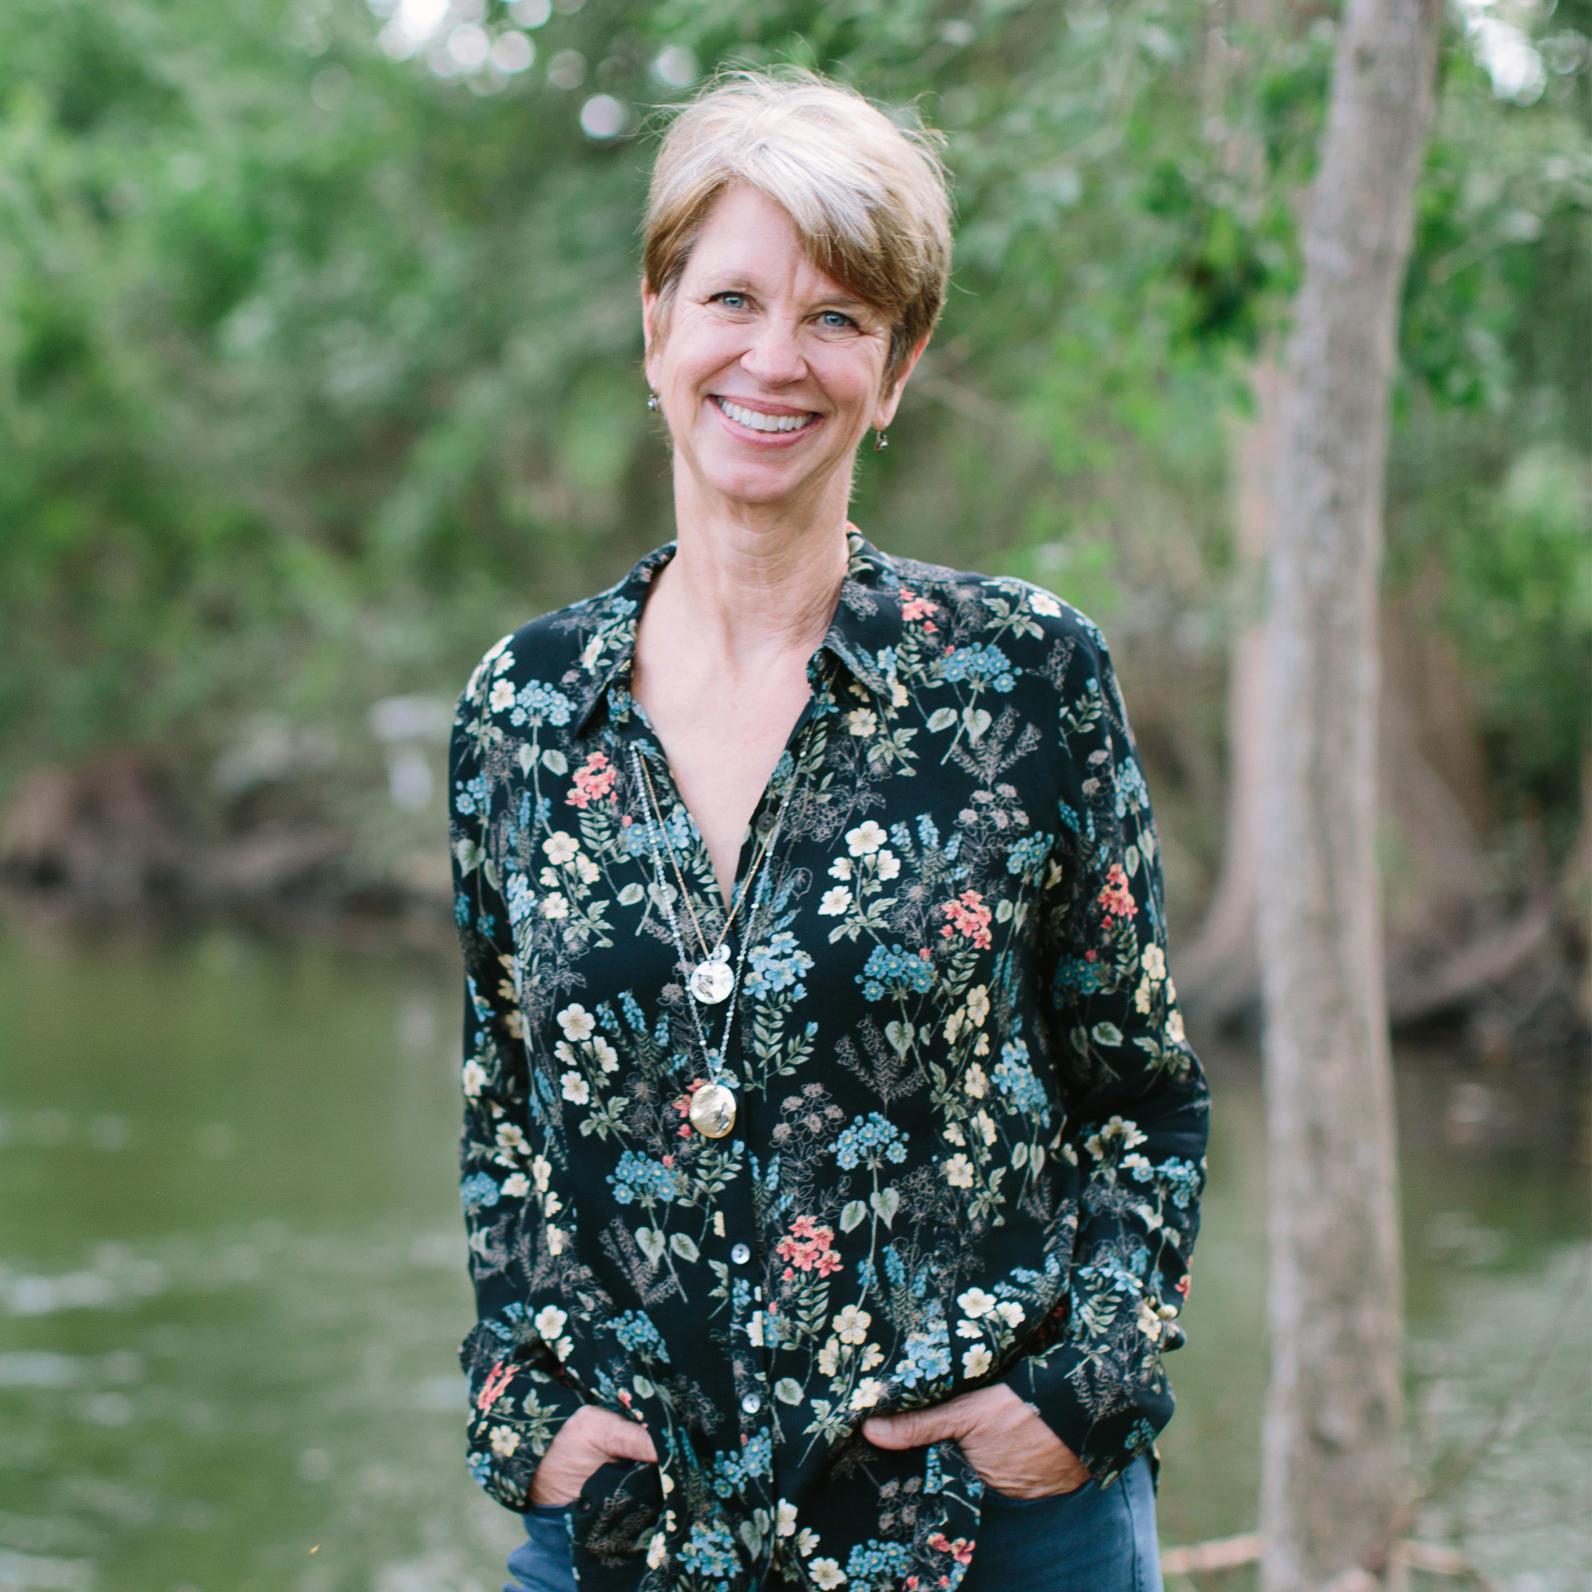 Carolyn Chipman Evans